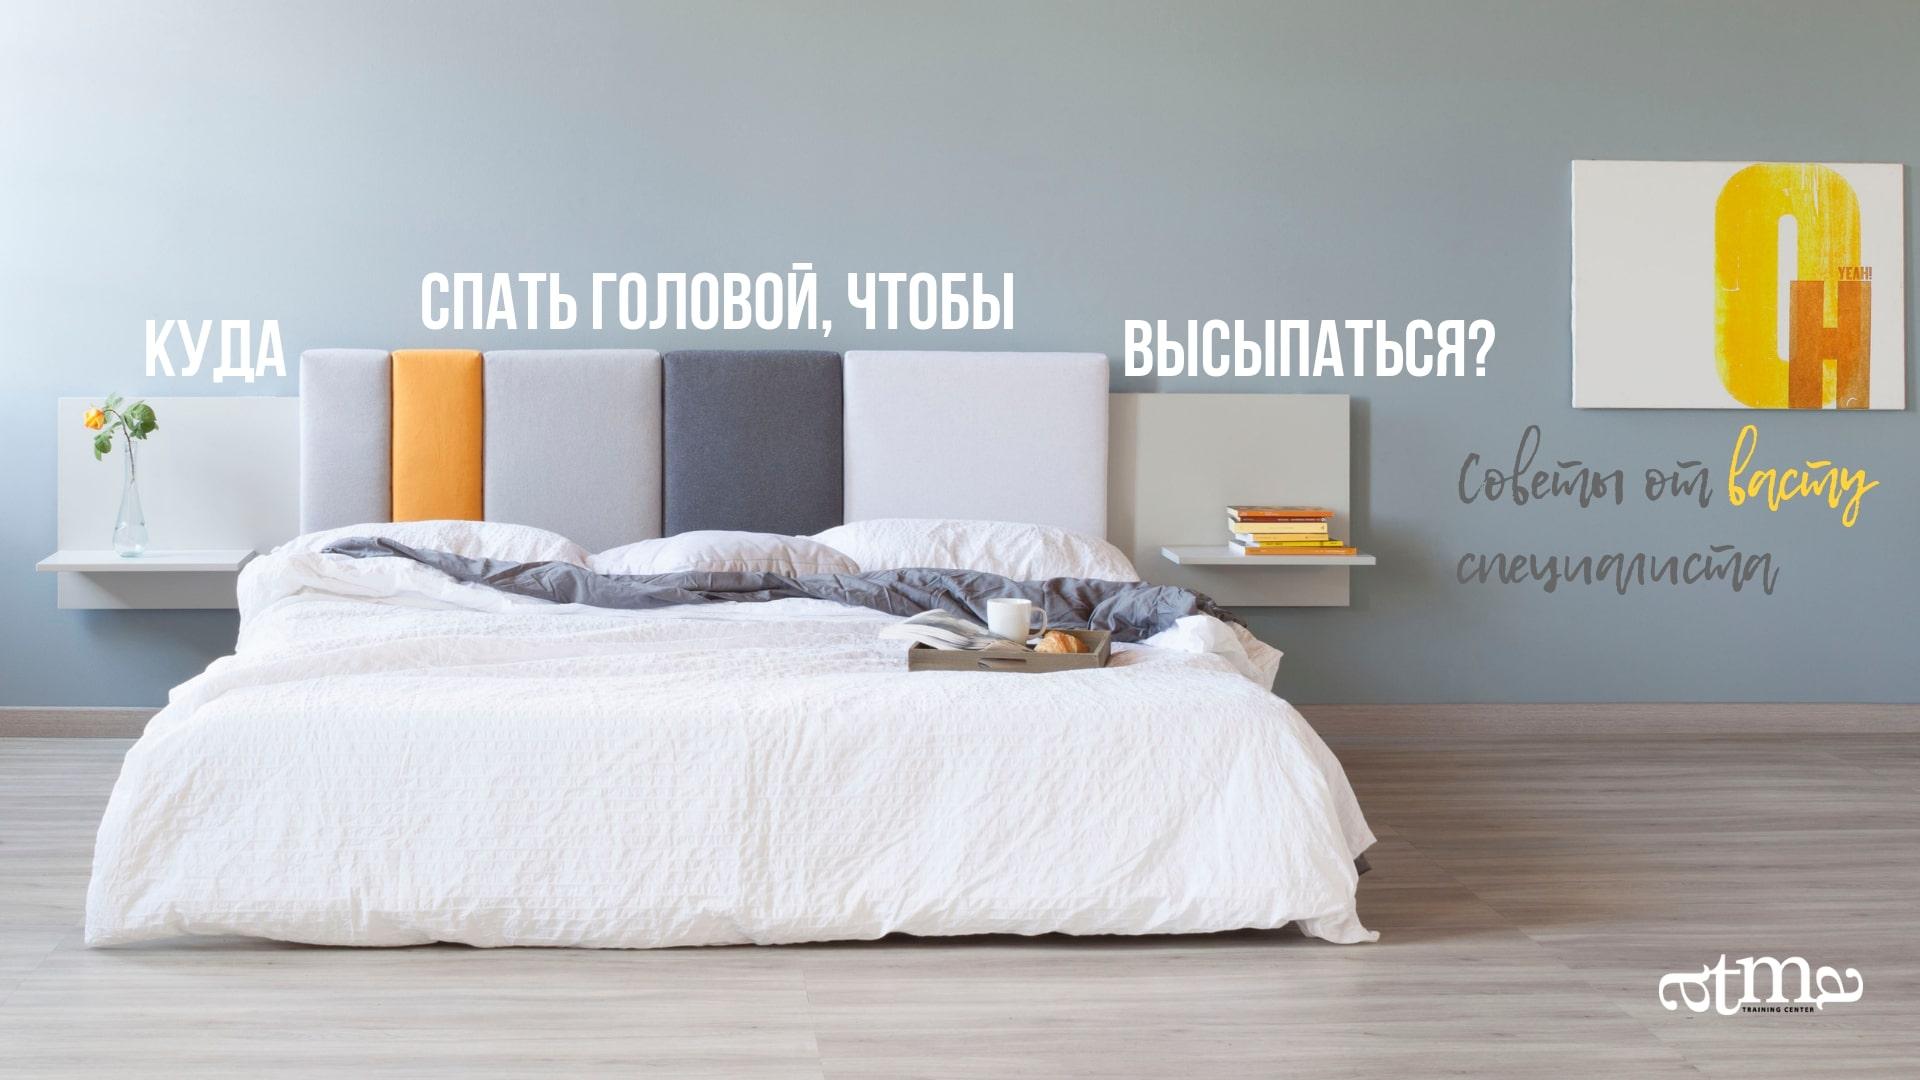 ATMA Куда спать головой?